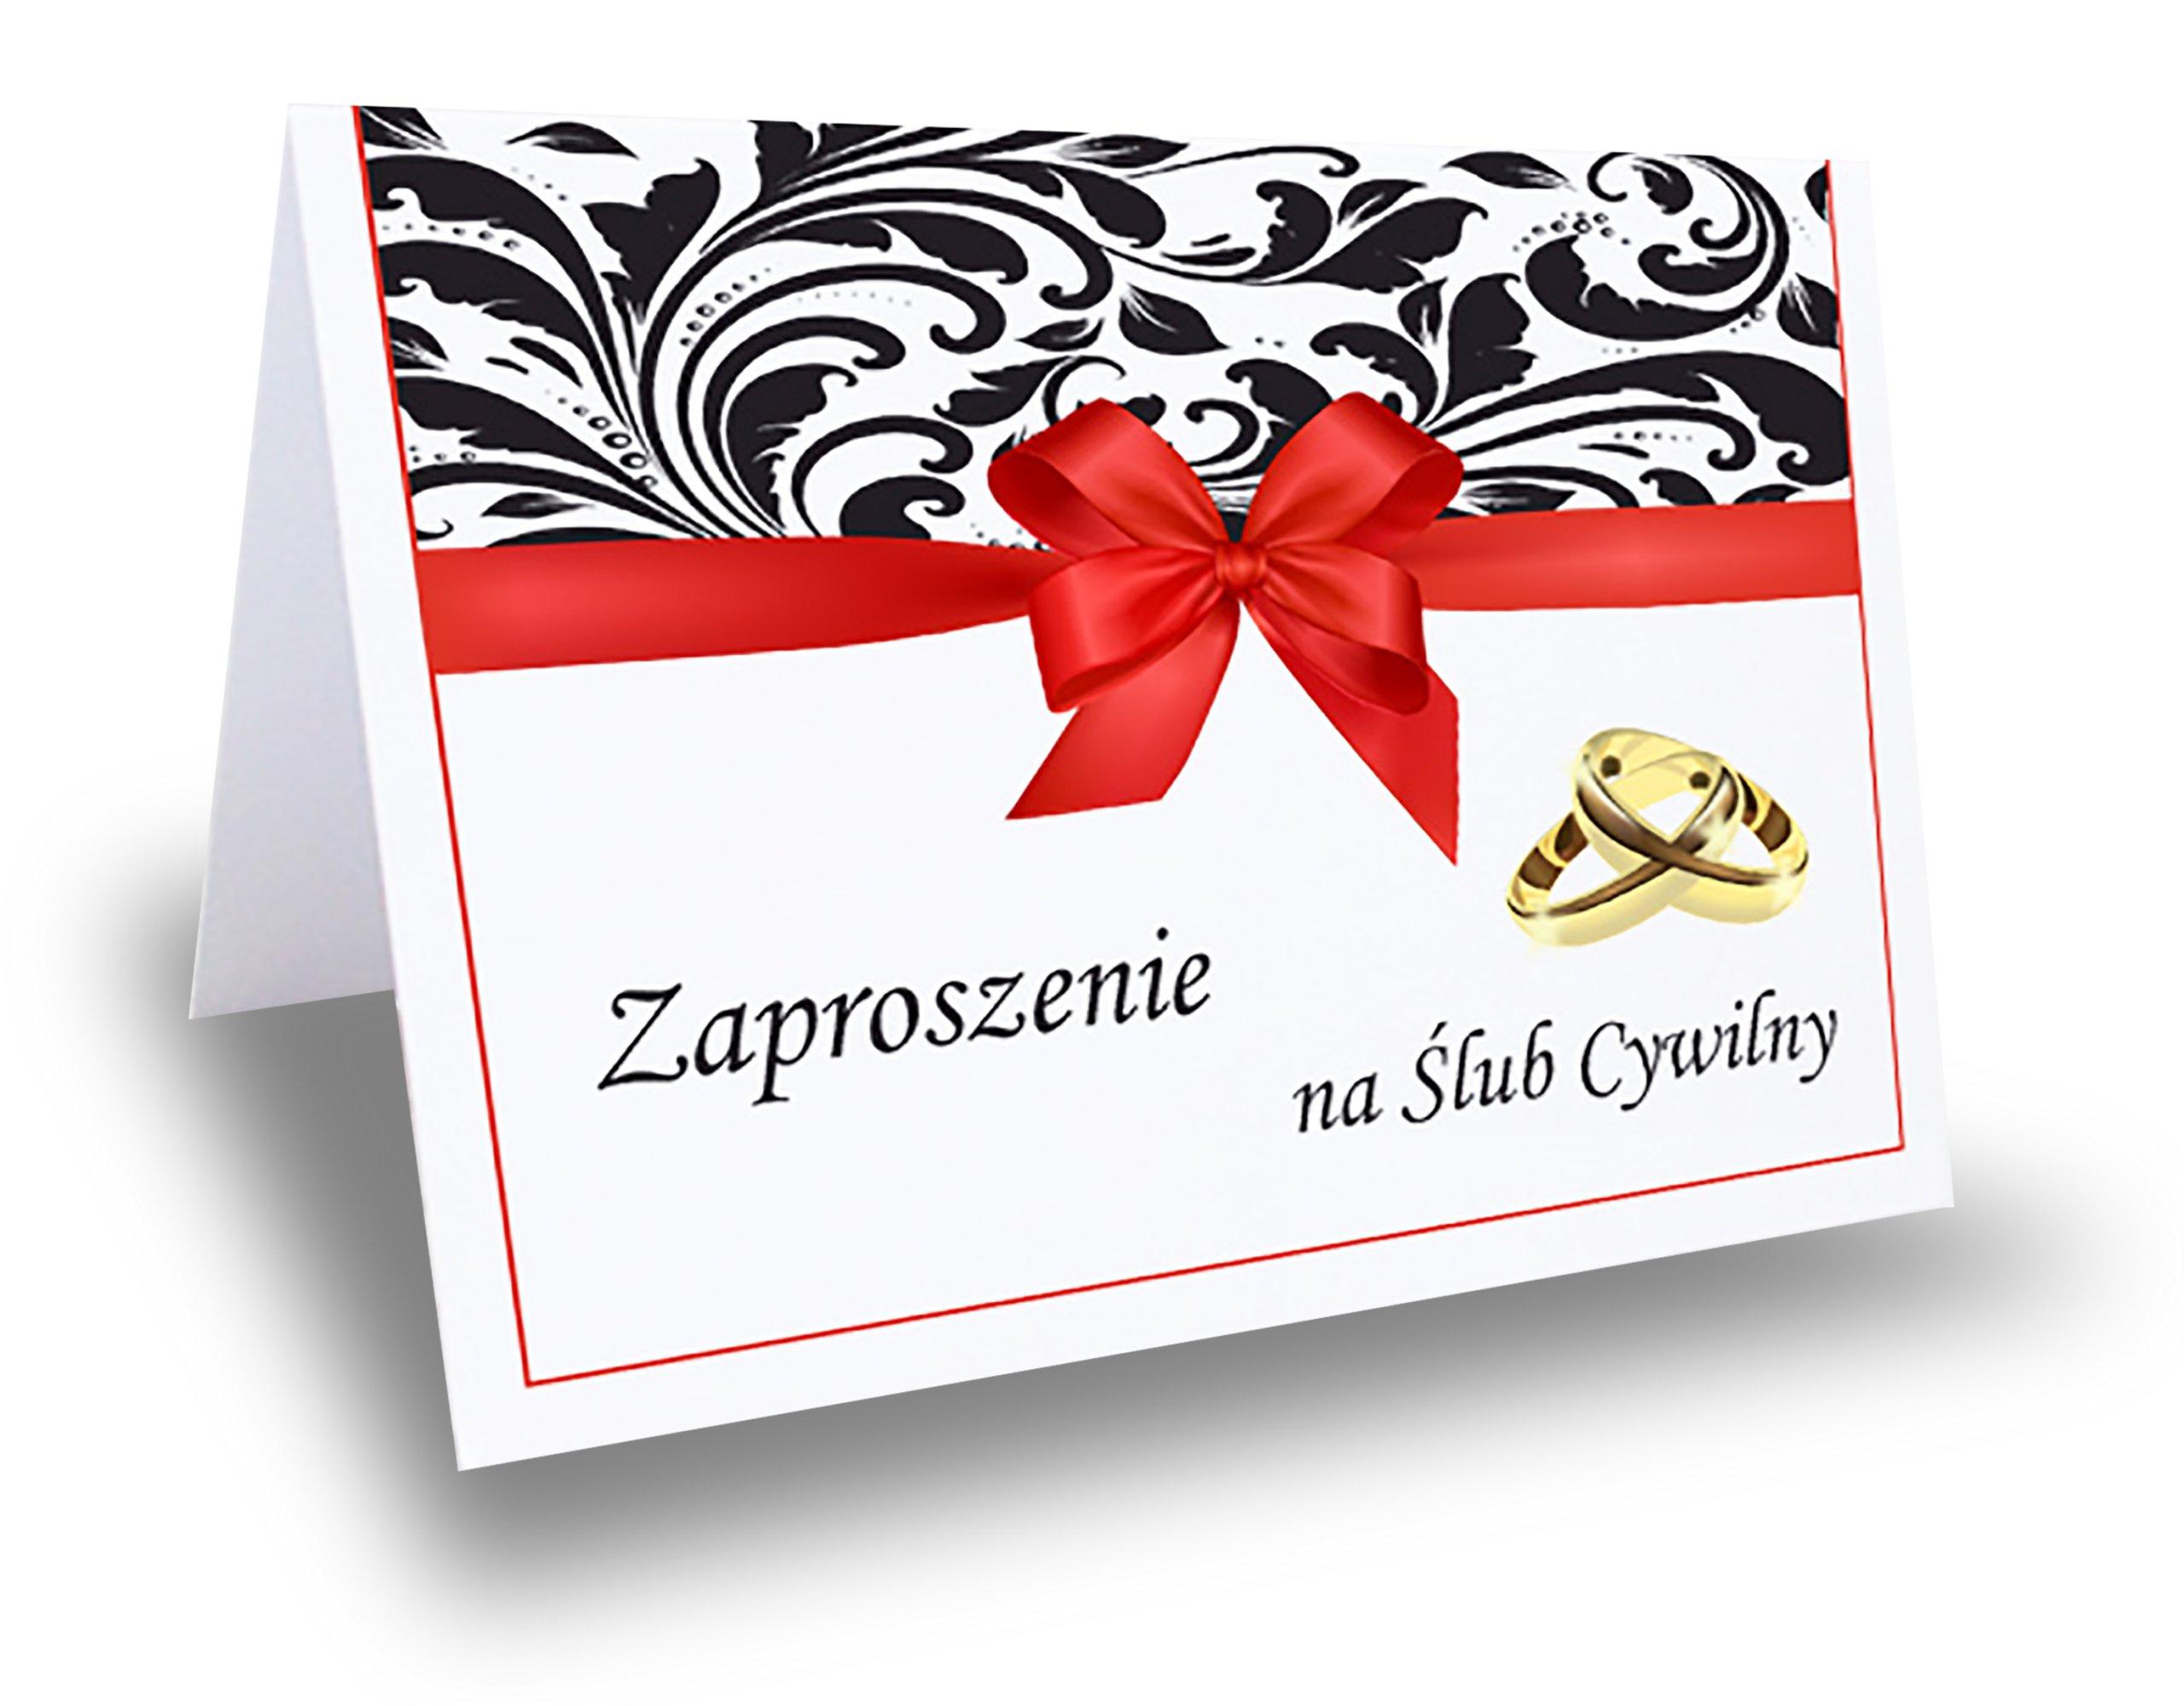 Zaproszenie Zaproszenia Na ślub Cywilny 6983390523 Oficjalne